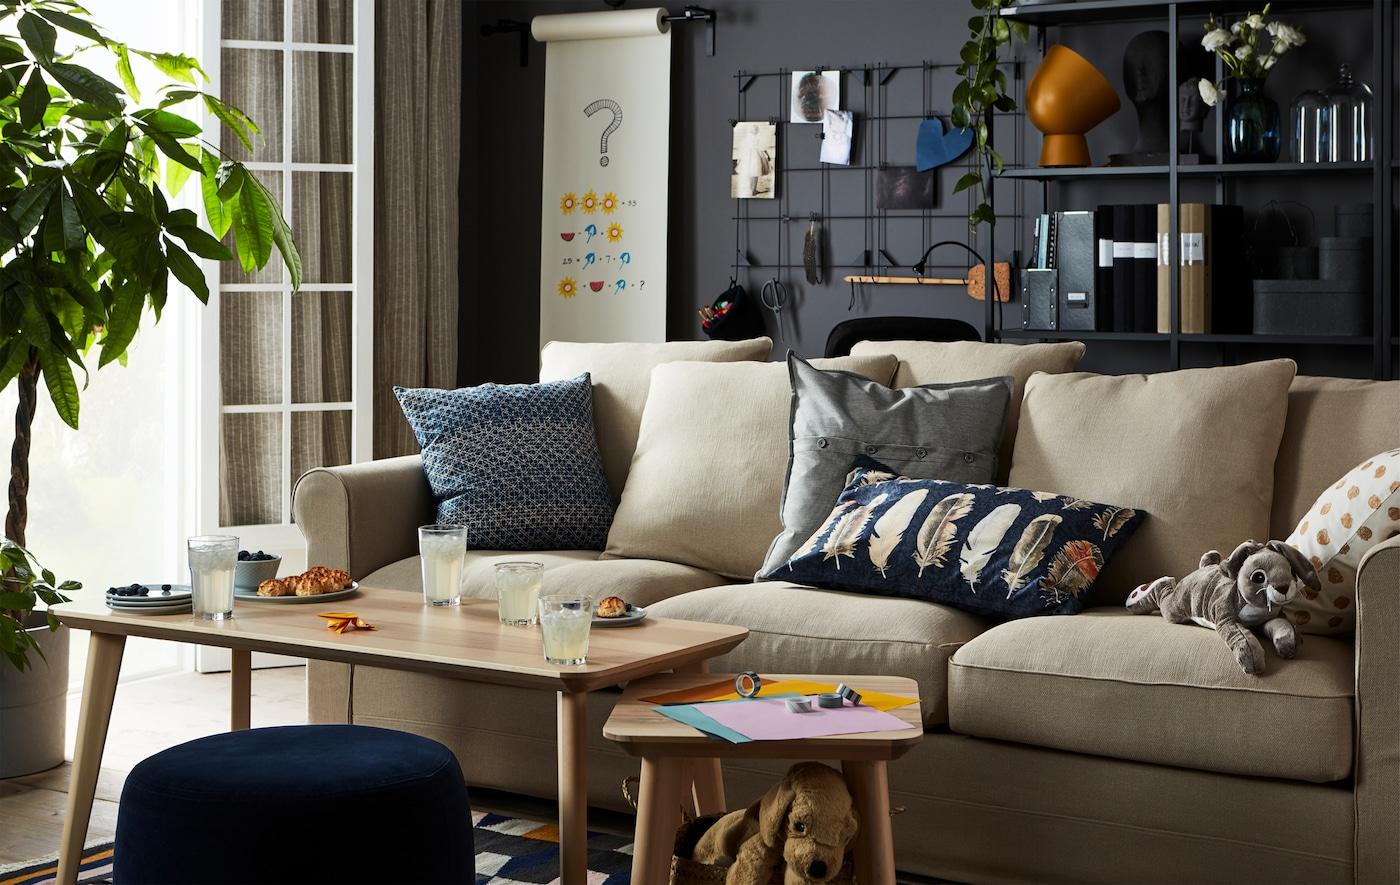 つくる途中の折り紙、飲み物とスナックを置いたコーヒーテーブルとソファのあるリビングルーム。